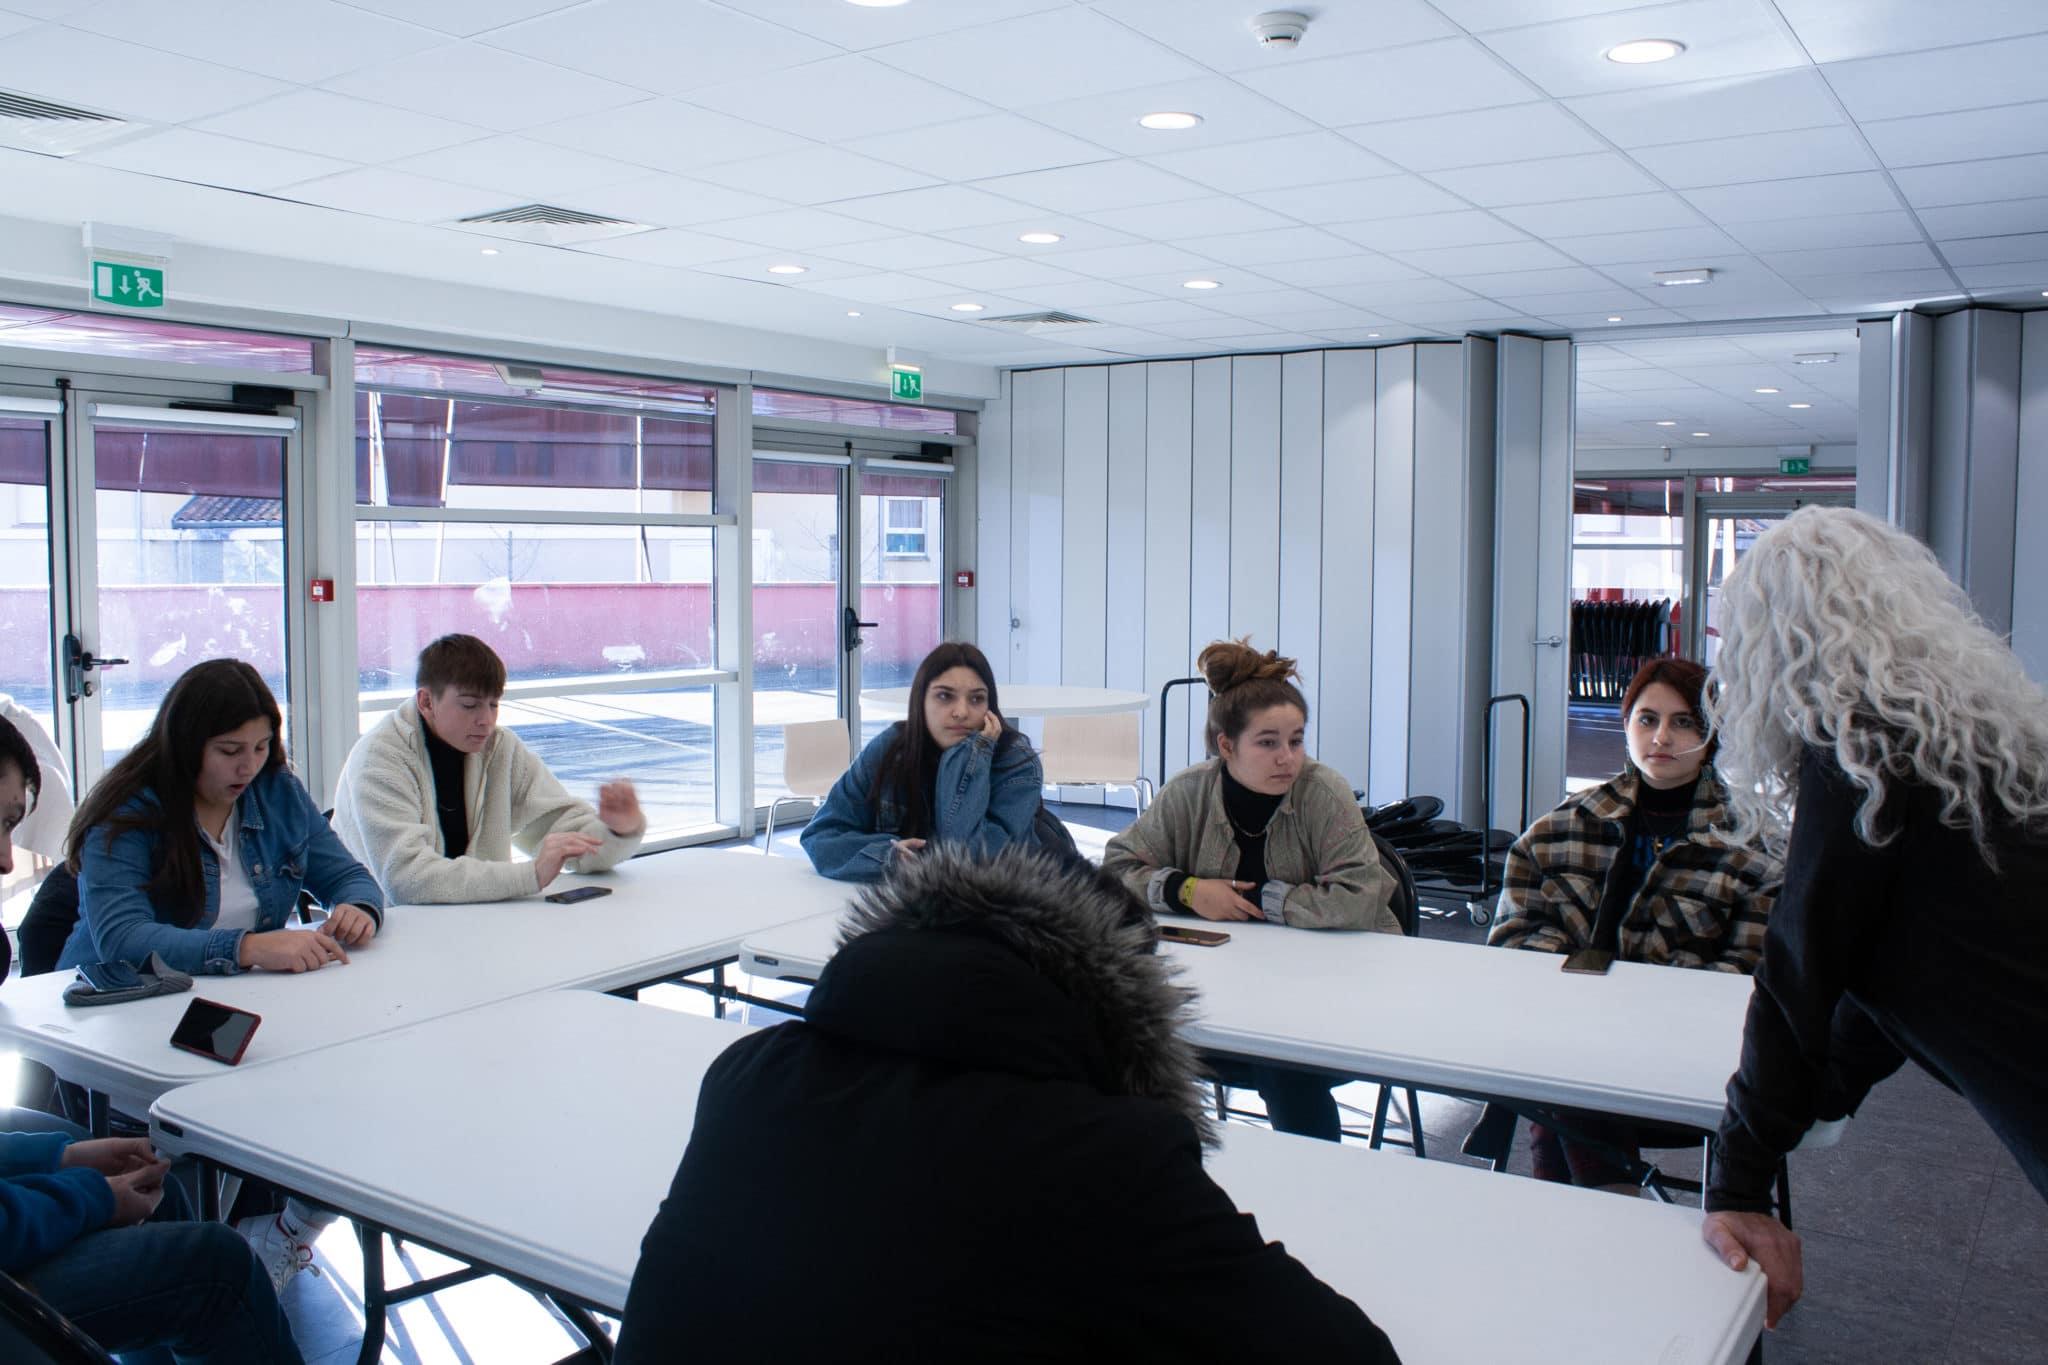 Gaëlle Chalton donne un cours d'interprétation aux jeunes